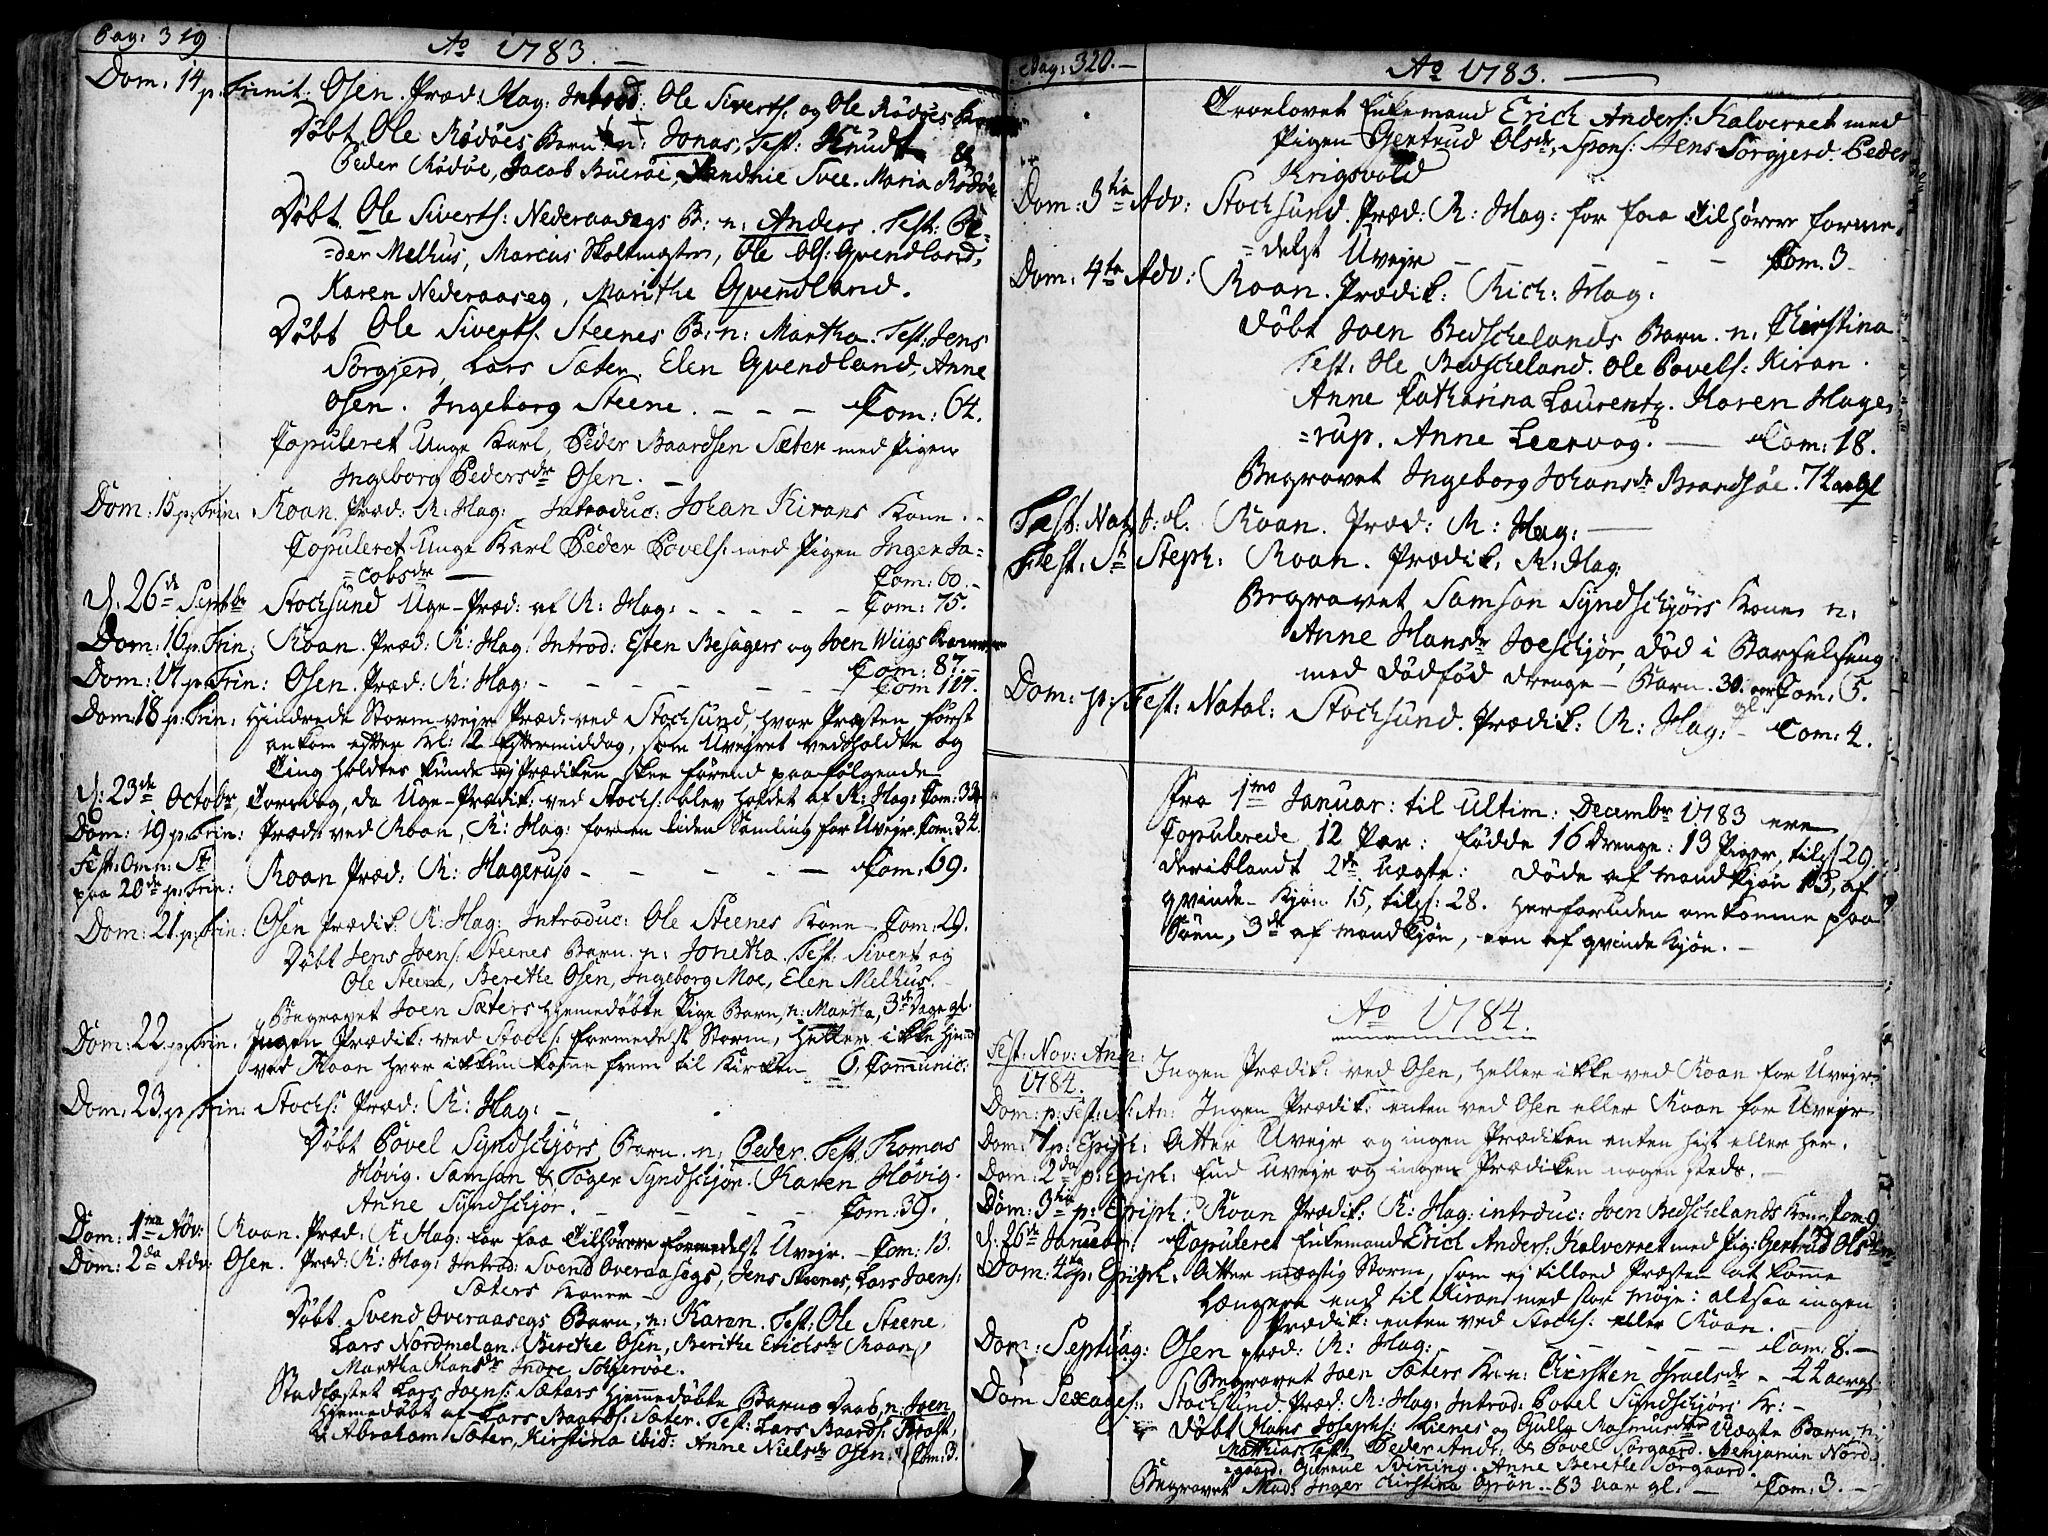 SAT, Ministerialprotokoller, klokkerbøker og fødselsregistre - Sør-Trøndelag, 657/L0700: Ministerialbok nr. 657A01, 1732-1801, s. 319-320